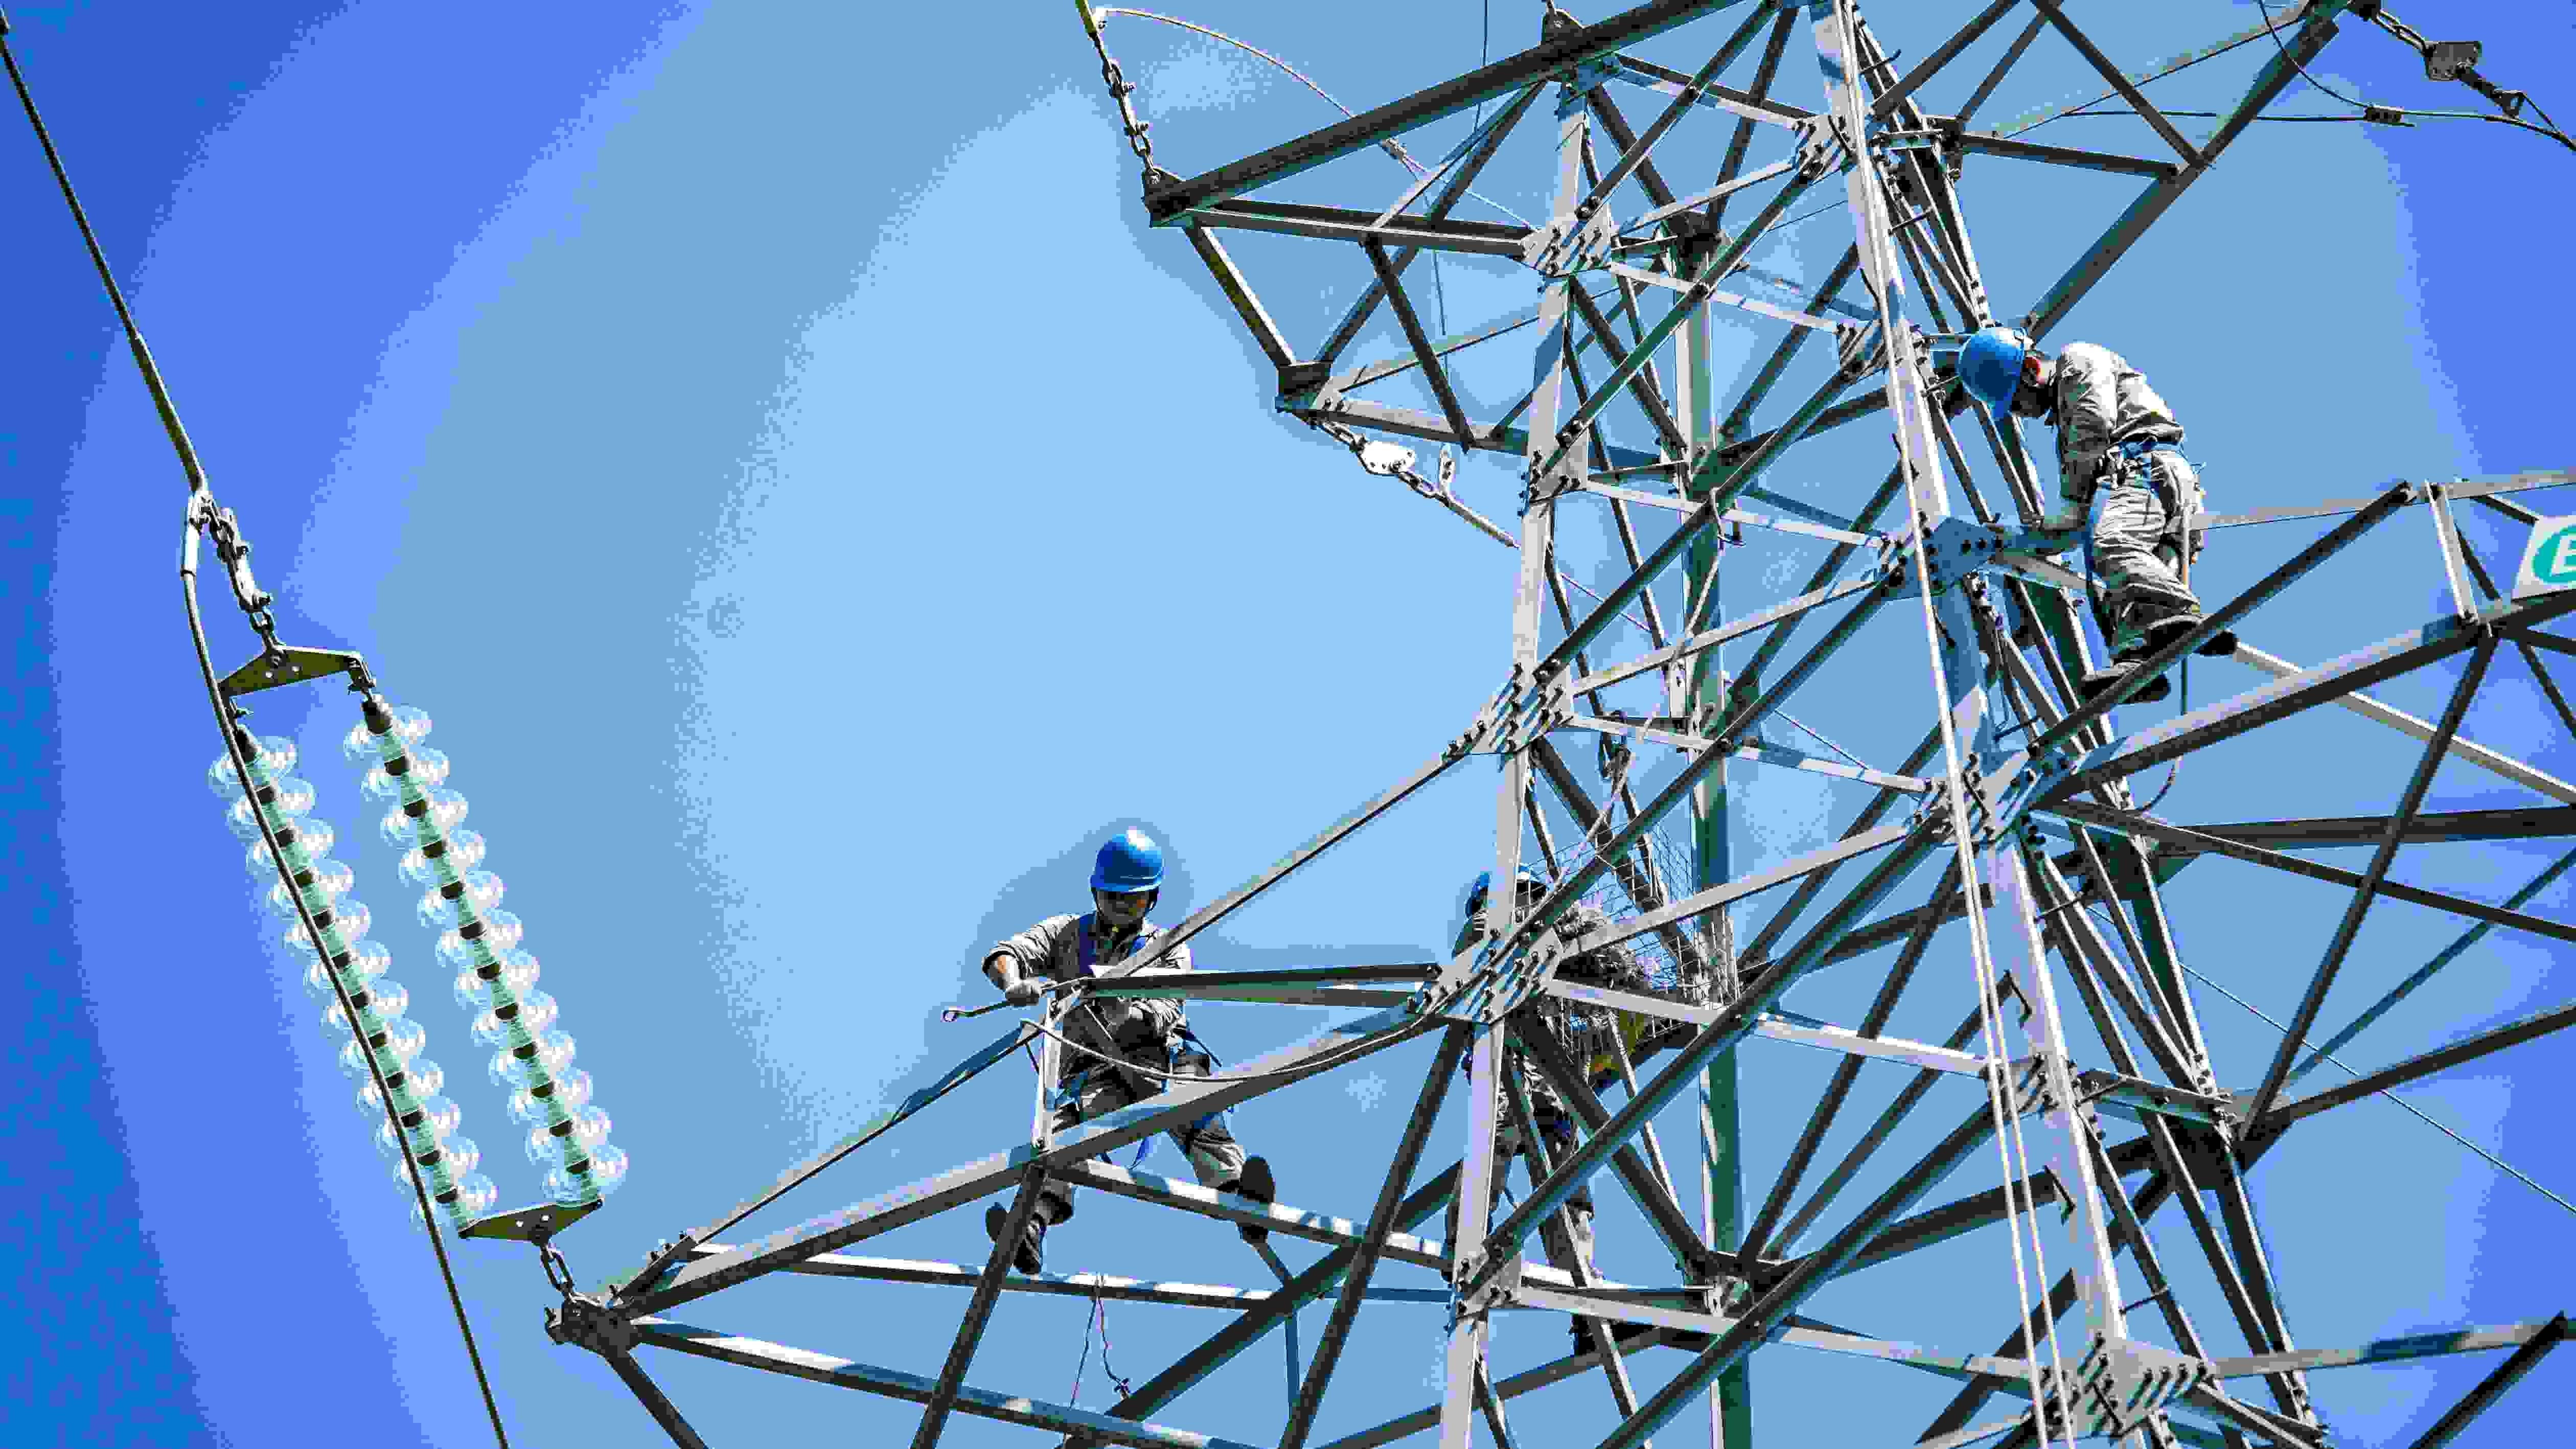 南方电网:以数字化转型催生高质量发展新动能新优势